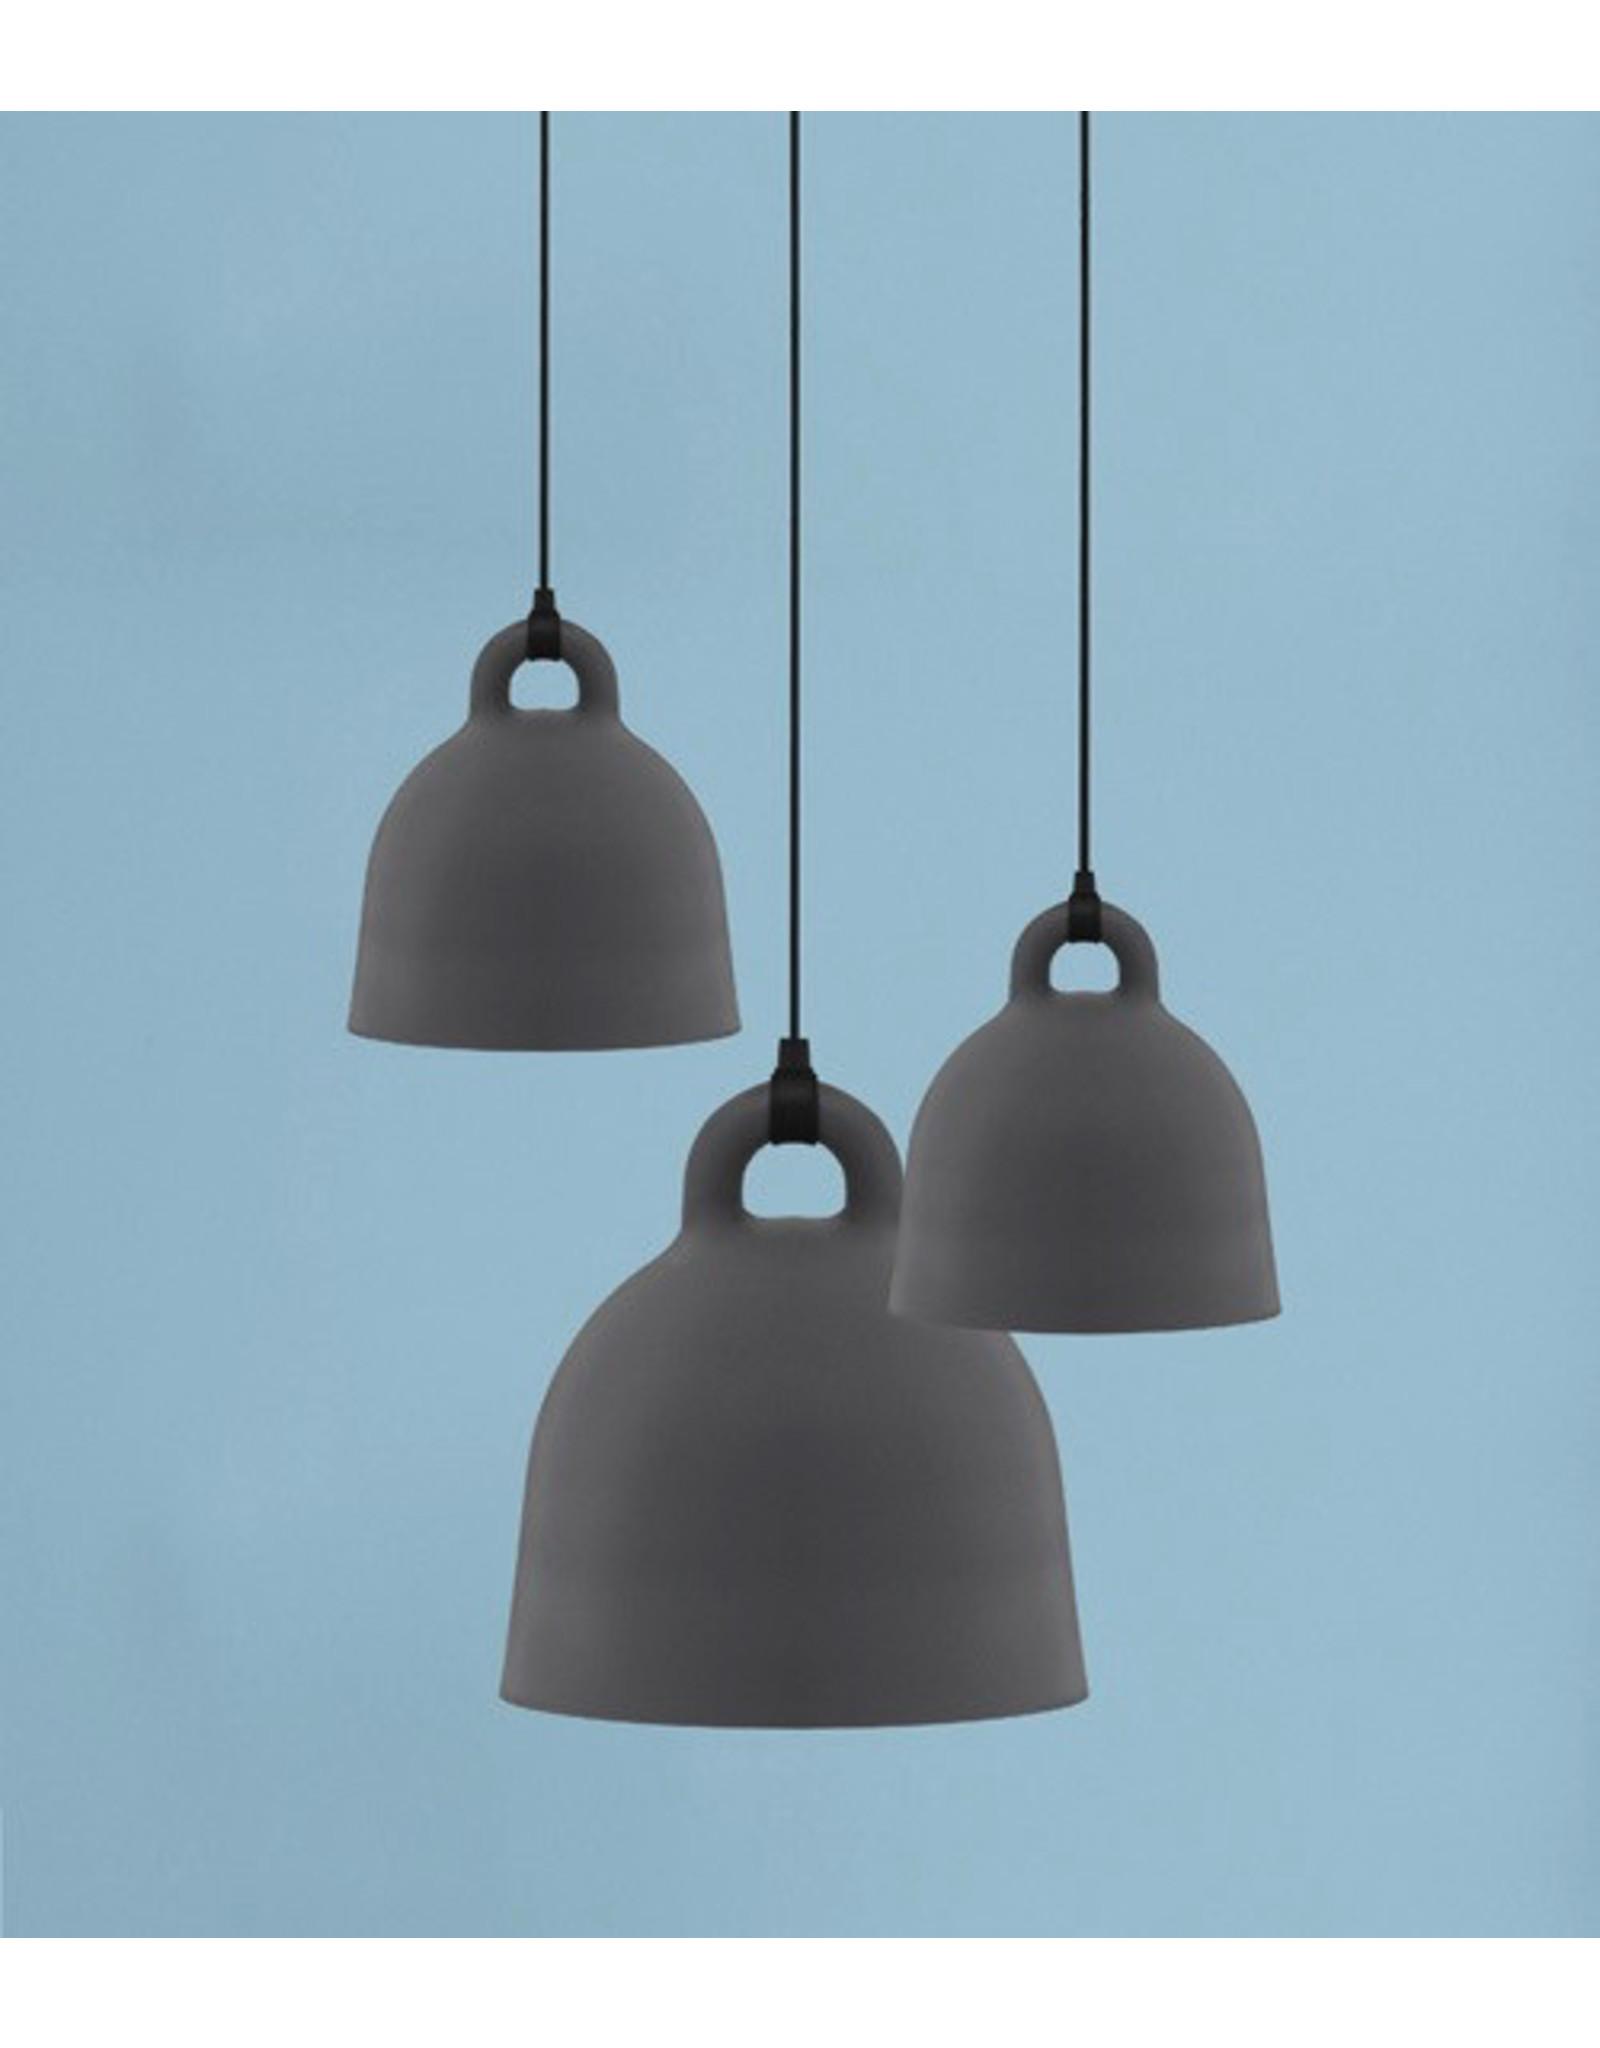 Normann Copenhagen Bell Lamp small